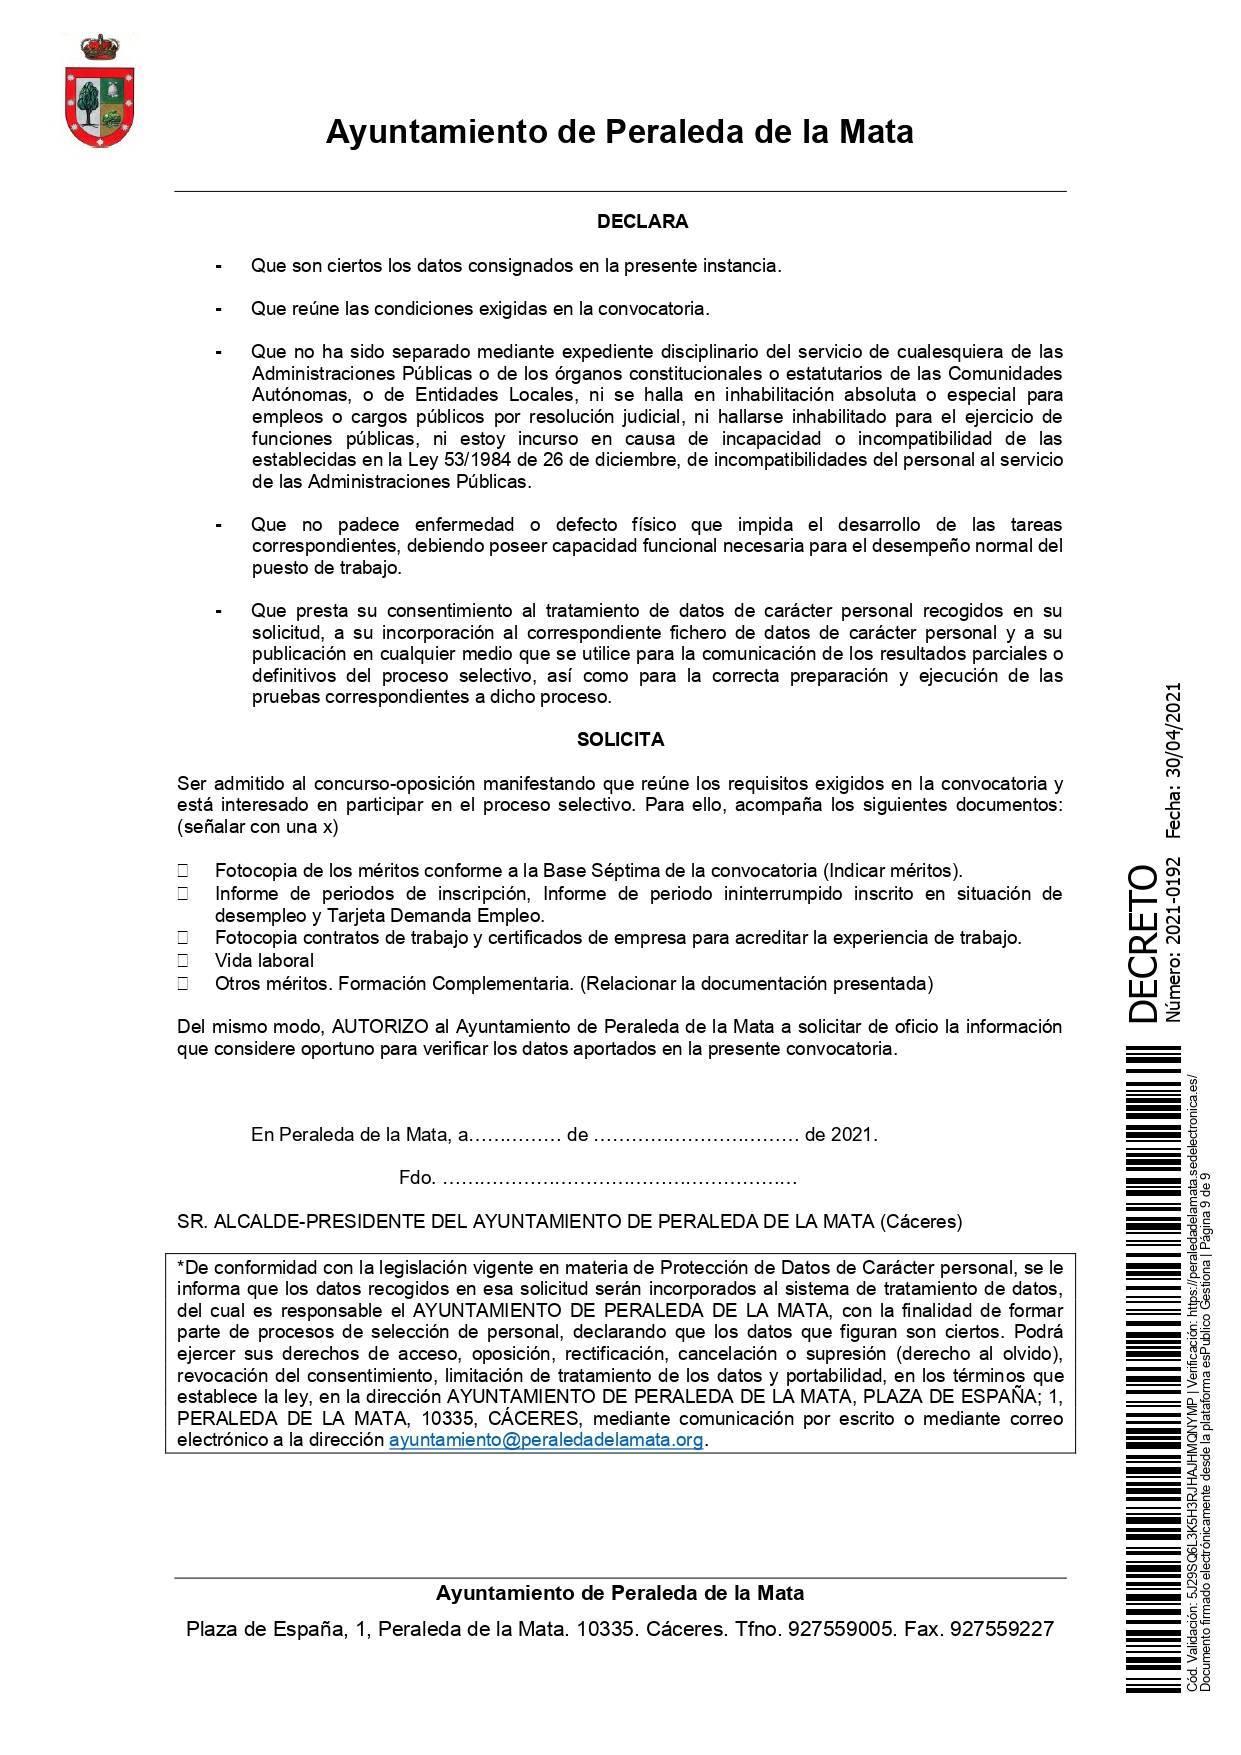 2 socorristas para la piscina municipal (2021) - Peraleda de la Mata (Cáceres) 9